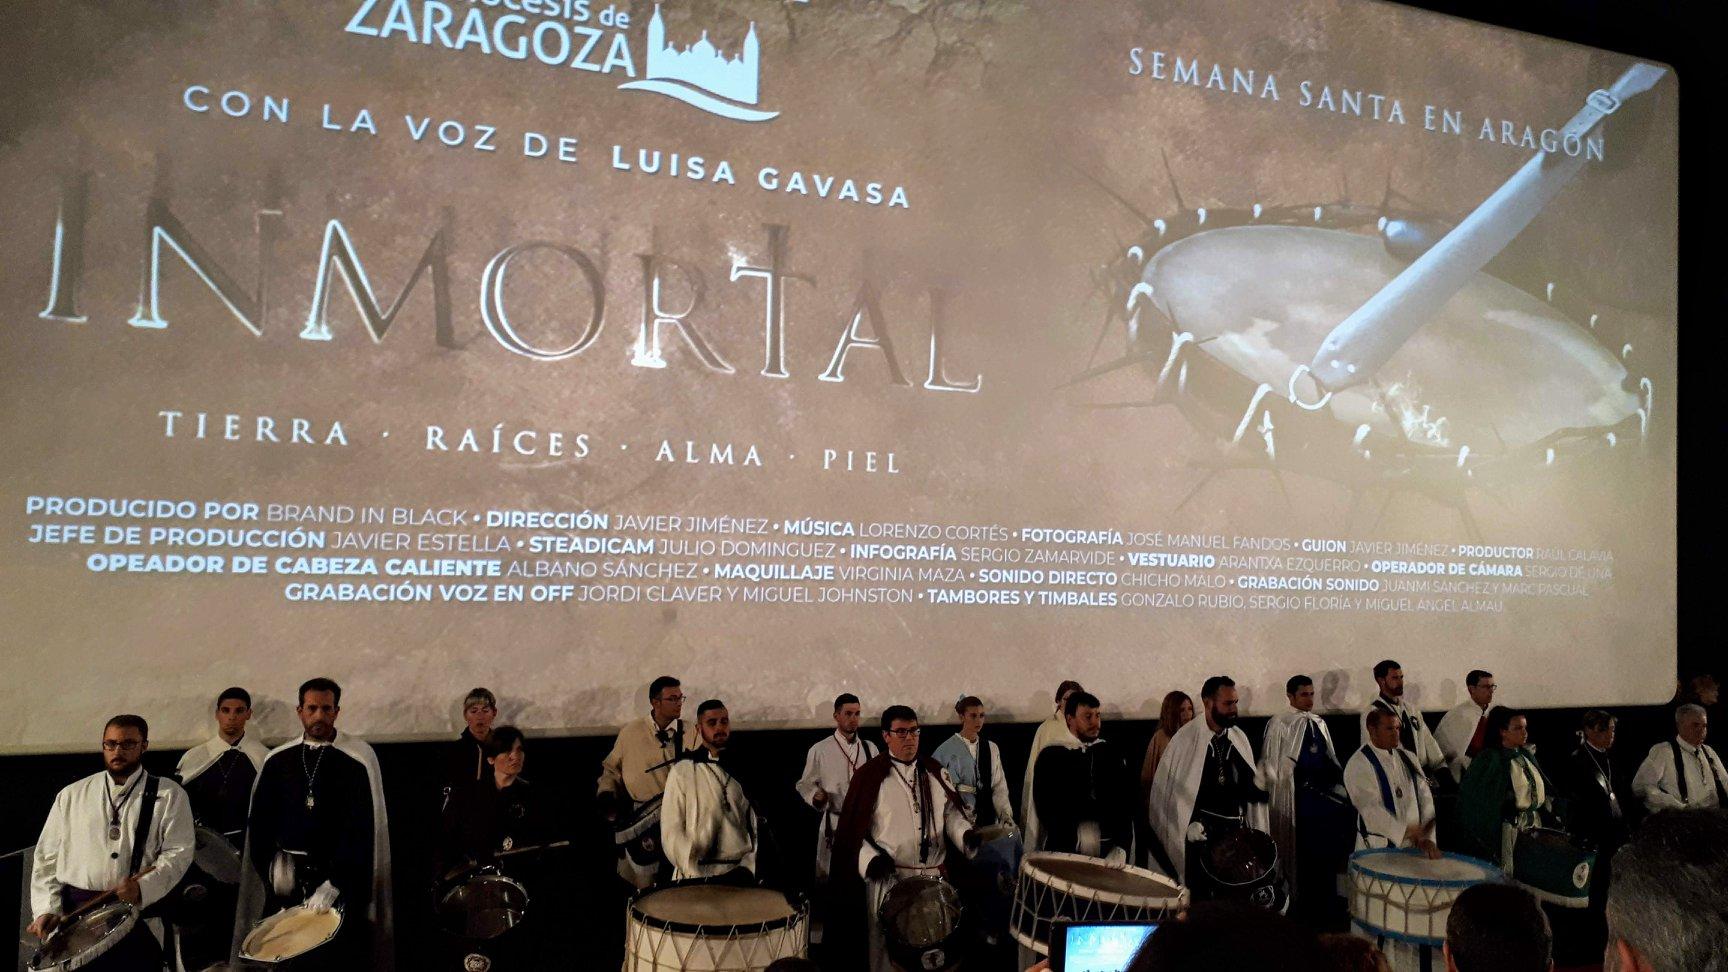 Estreno de Inmortal en los cines Palafox